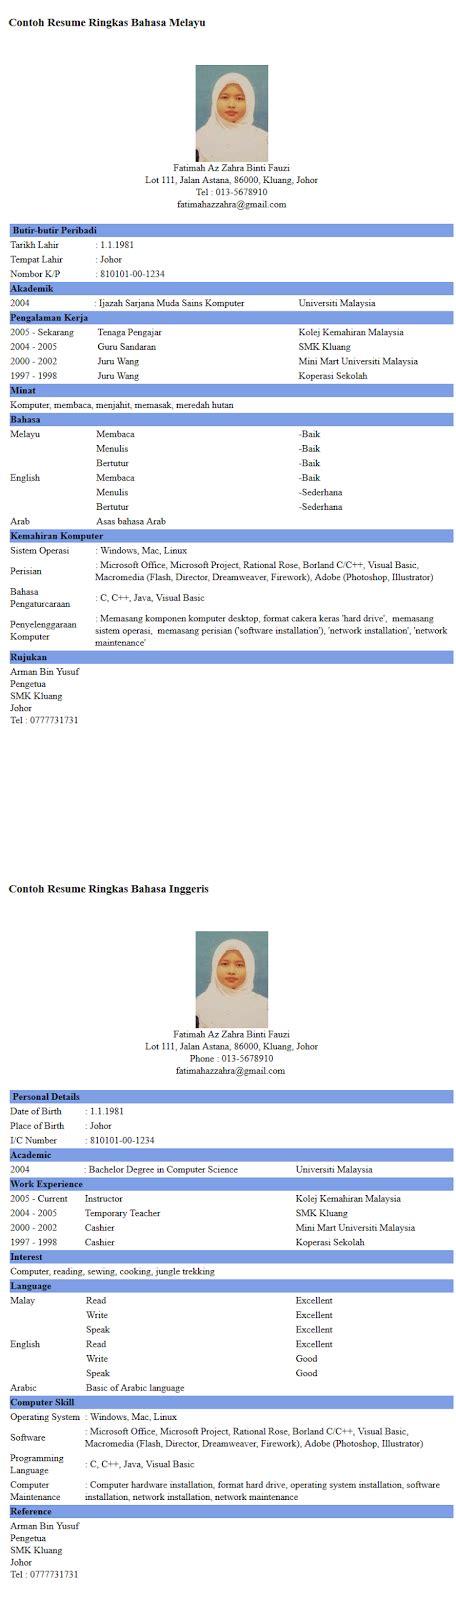 Contoh Cover Letter Untuk Resume Dalam Bahasa Melayu Example Good Resume Template